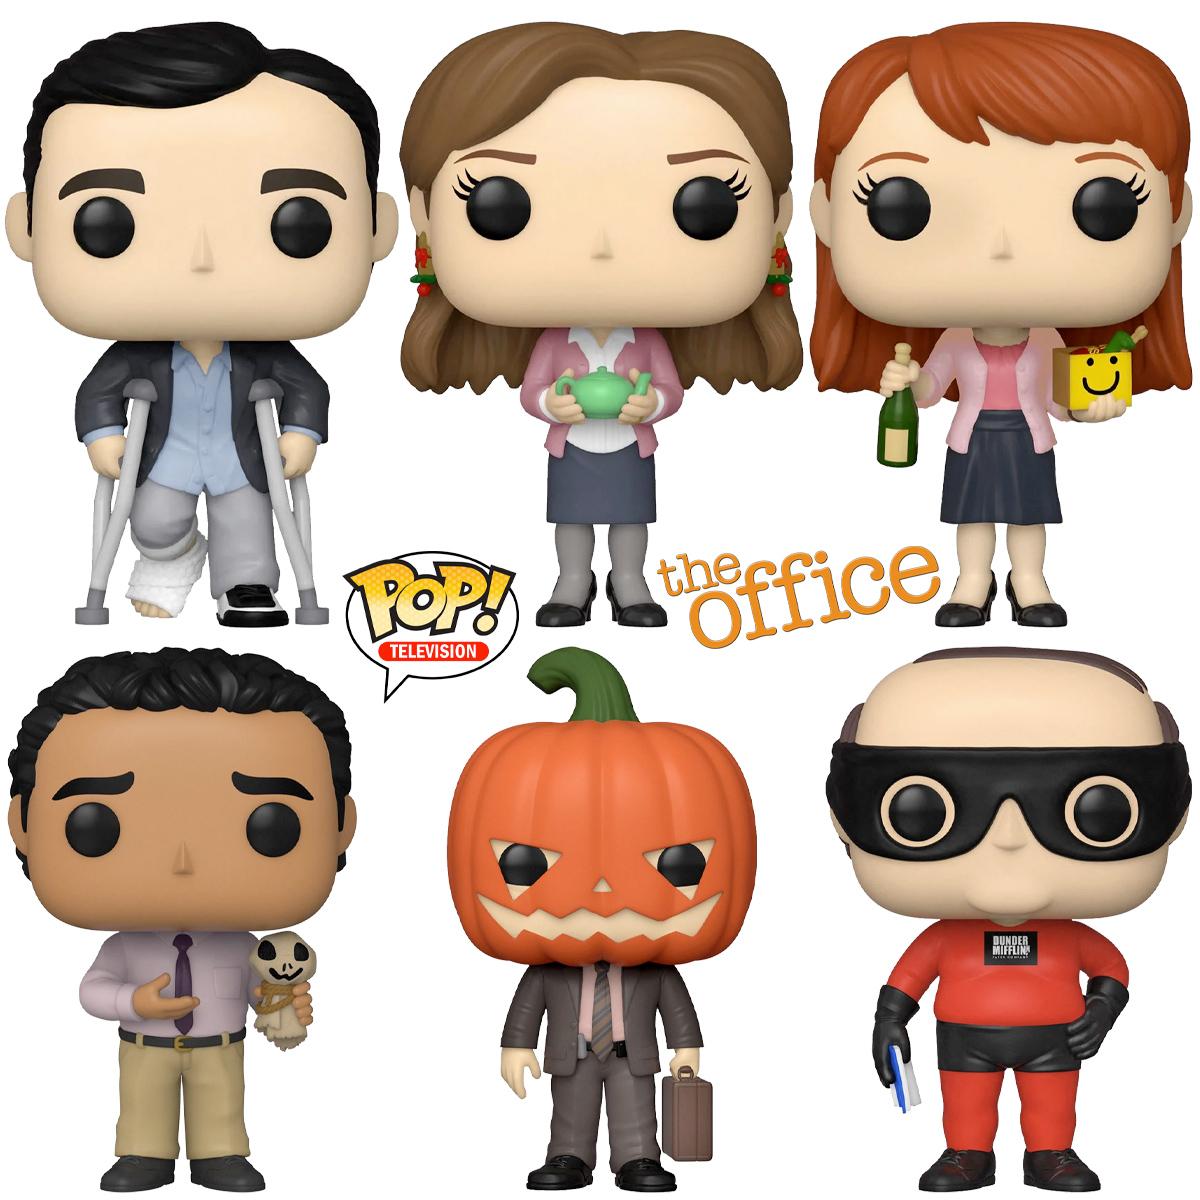 Bonecos The Office Pop Vinyl Figures